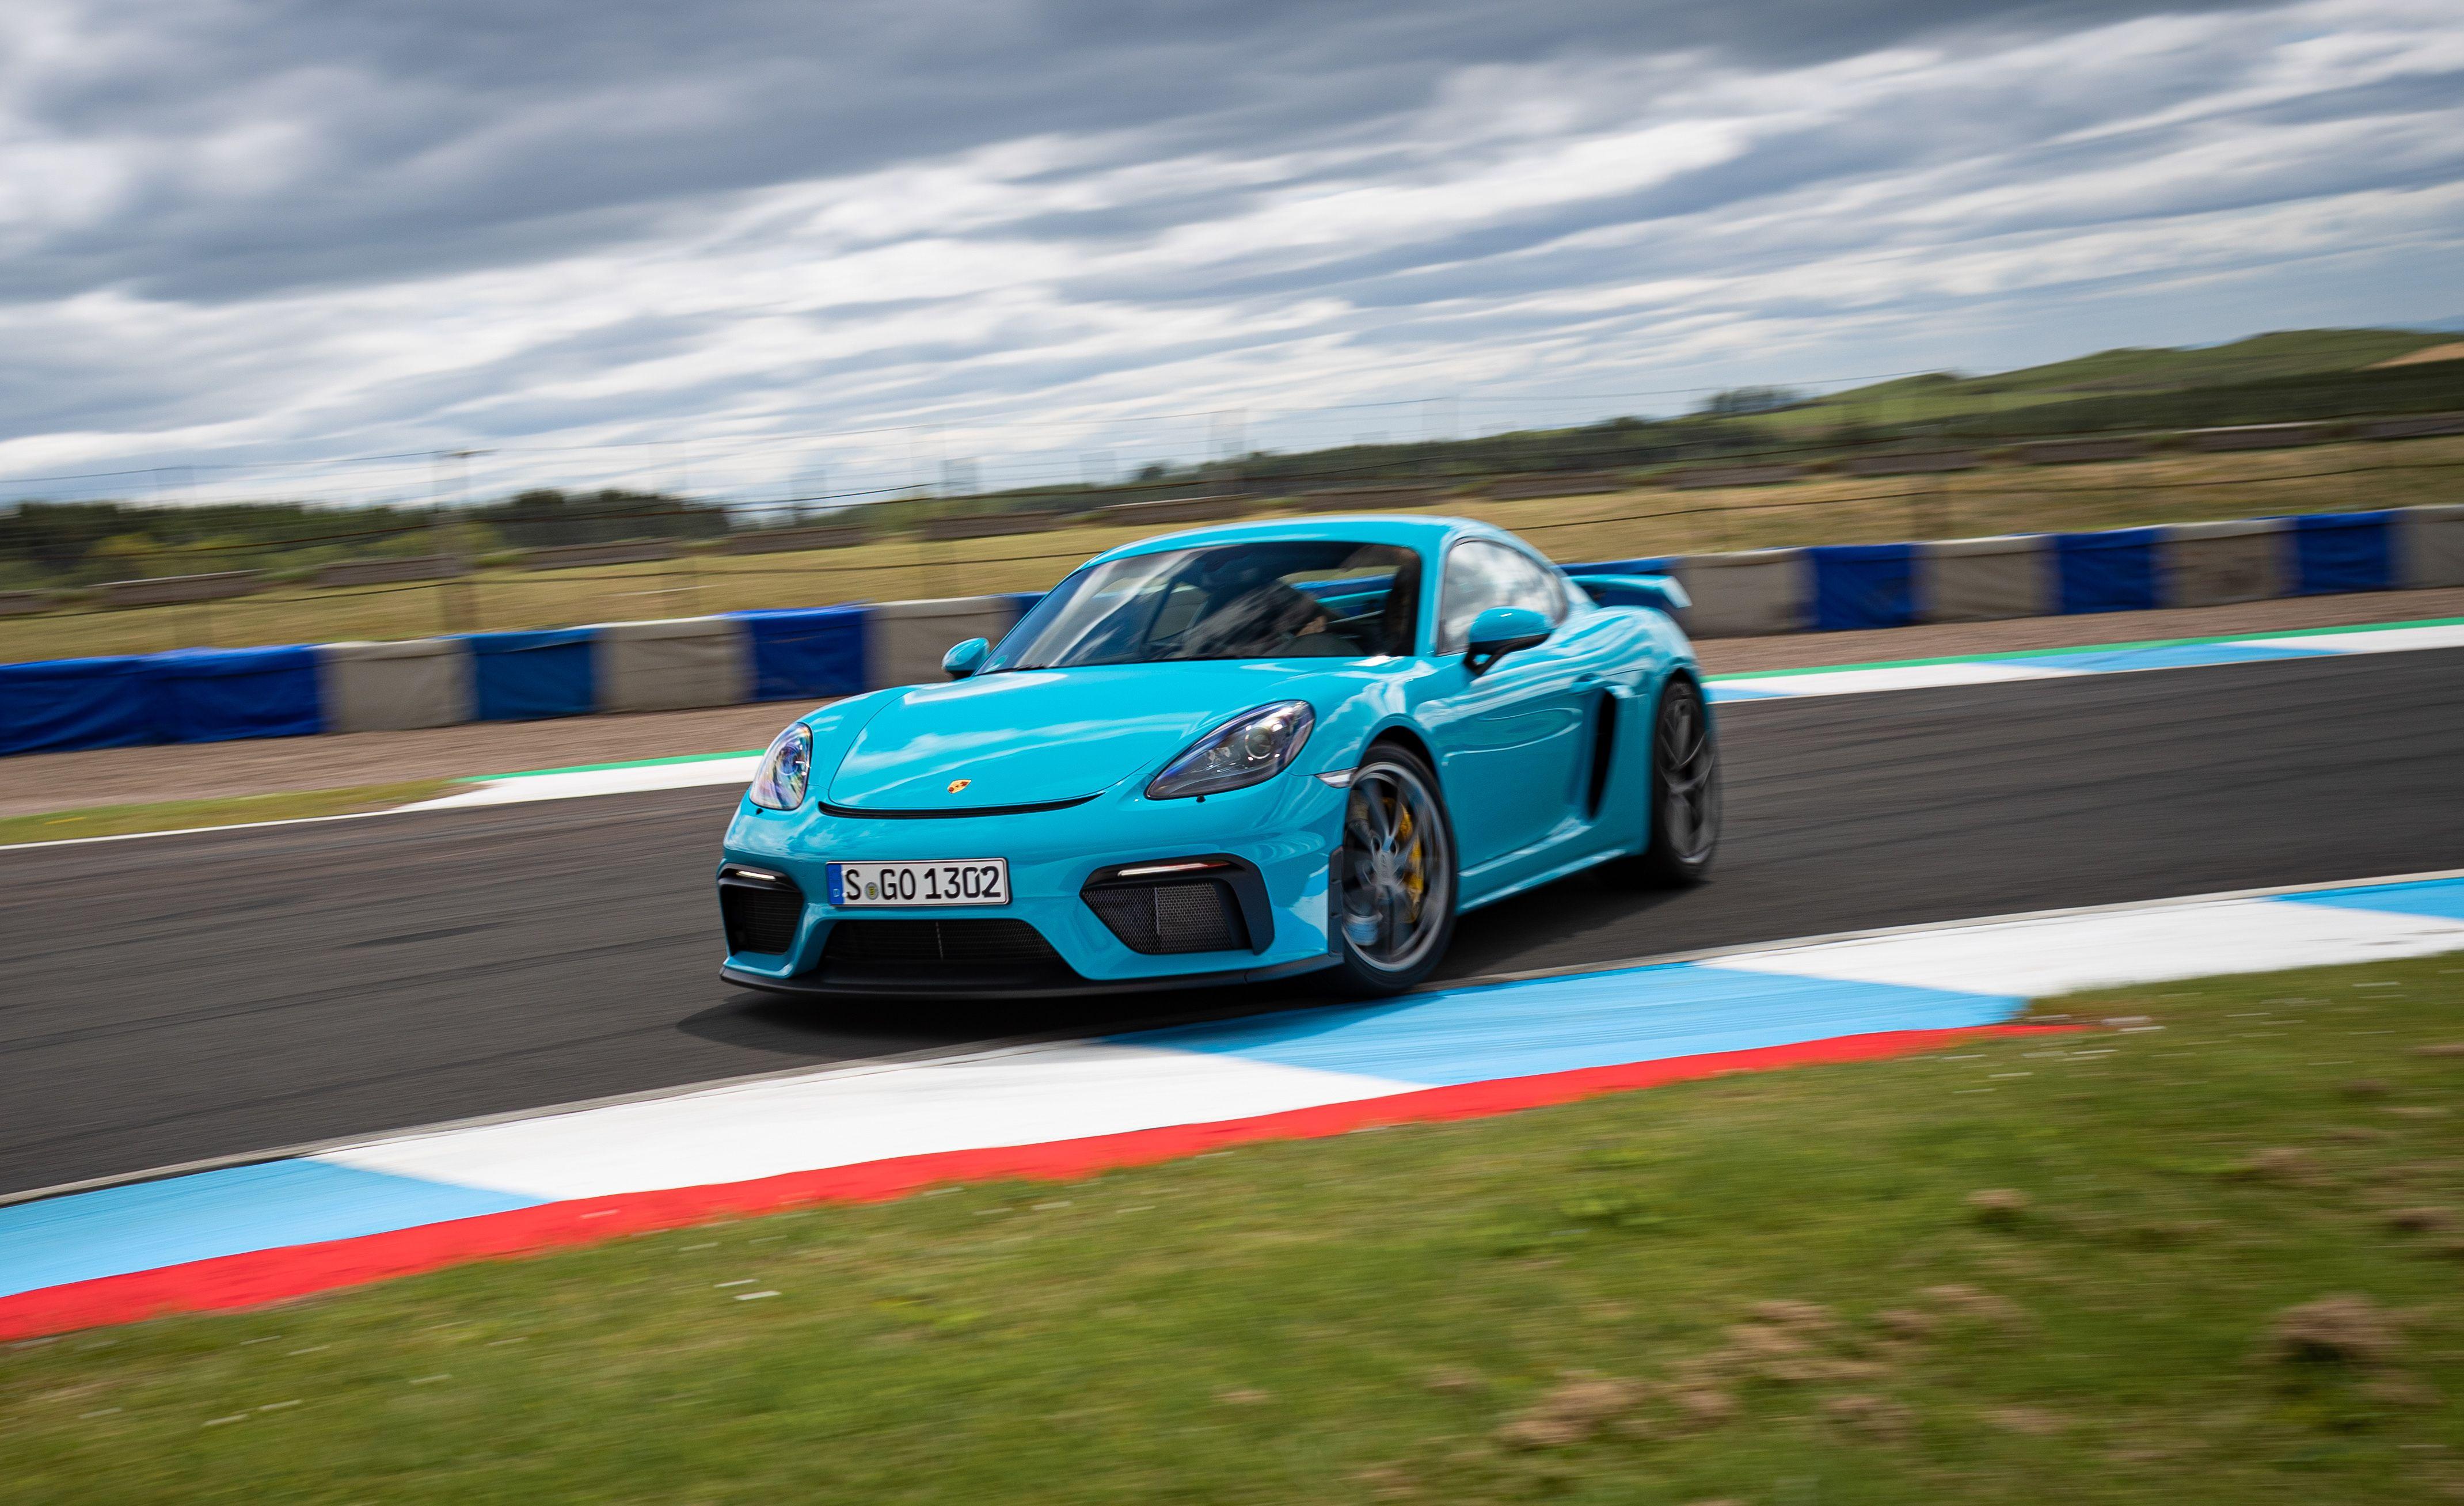 We Pummel the 2020 Porsche 718 Cayman GT4 and Spyder around